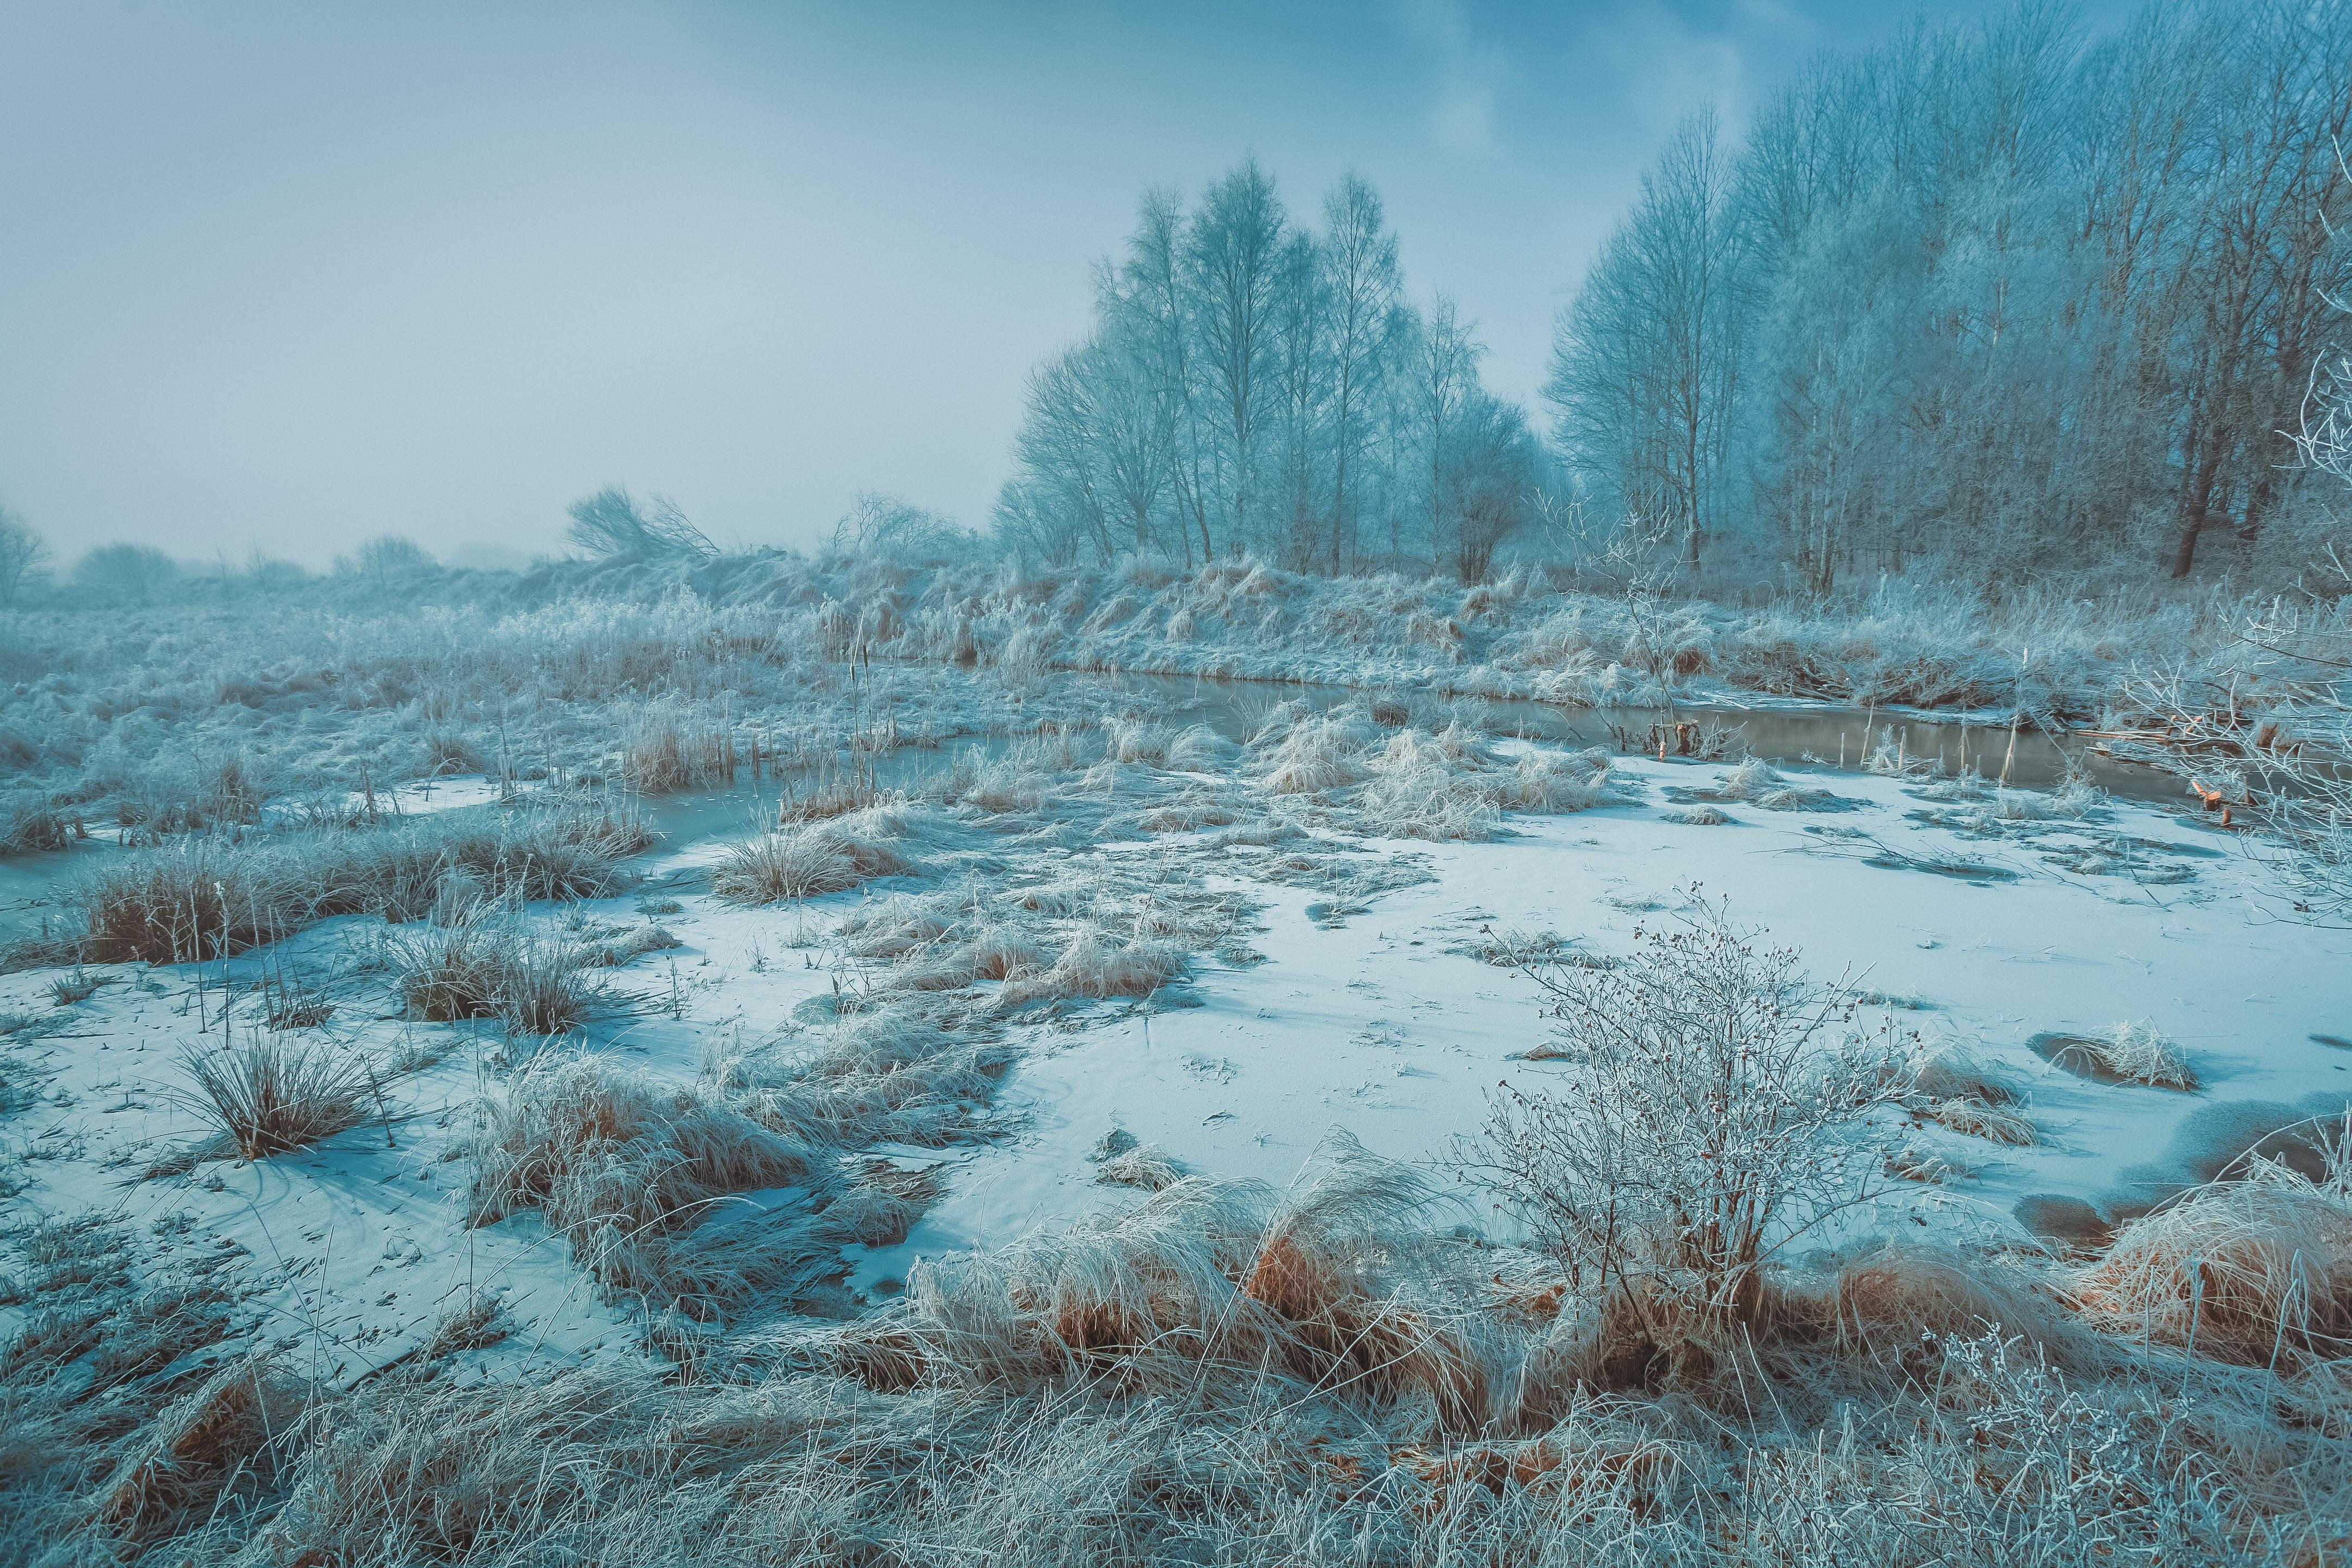 картинки к суровой зиме тундры свойство быстро